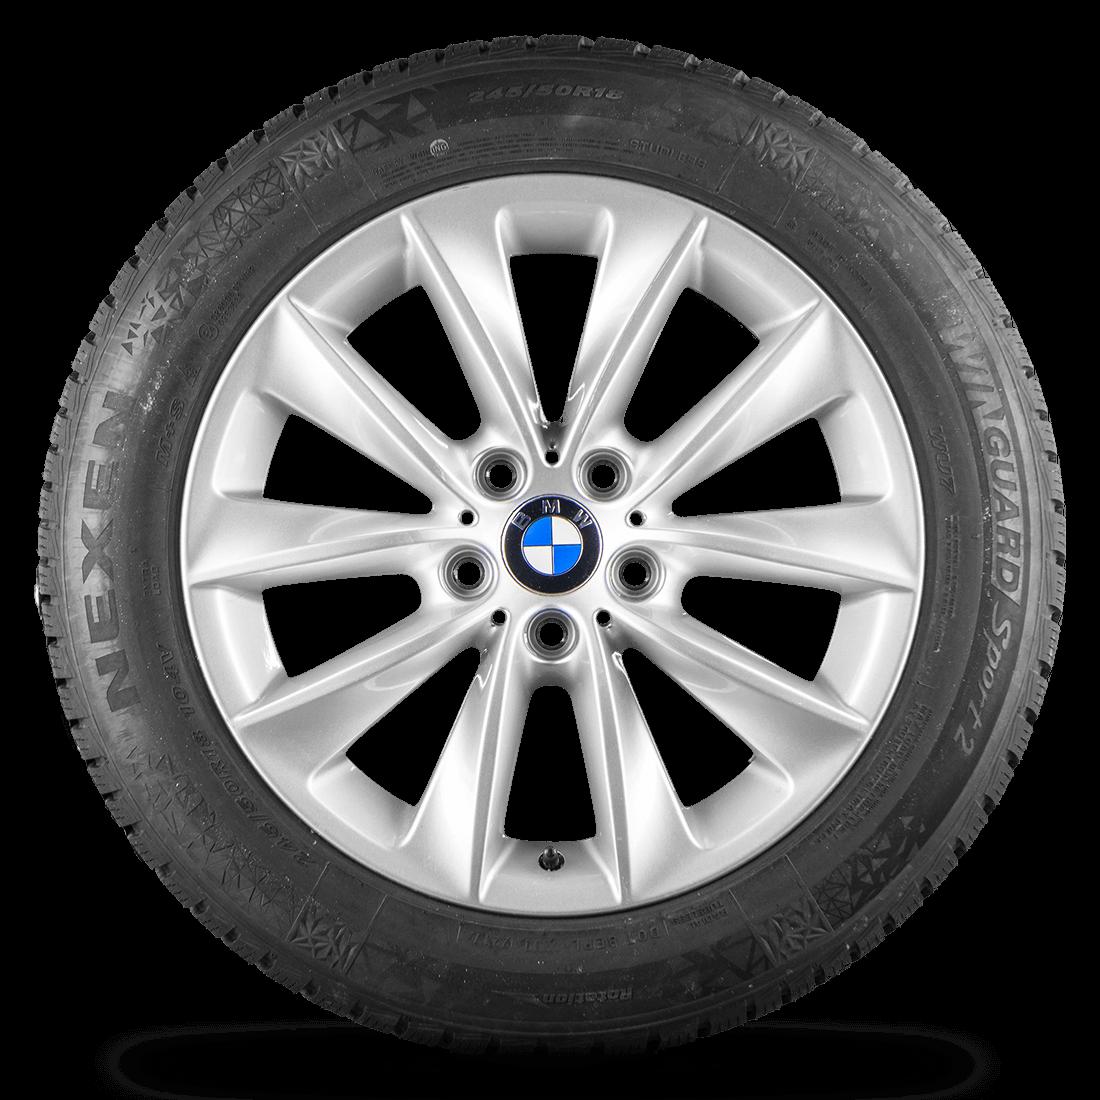 BMW X3 F25 X4 F26 18 Zoll Winterreifen Winterräder Alufelgen Styling 307